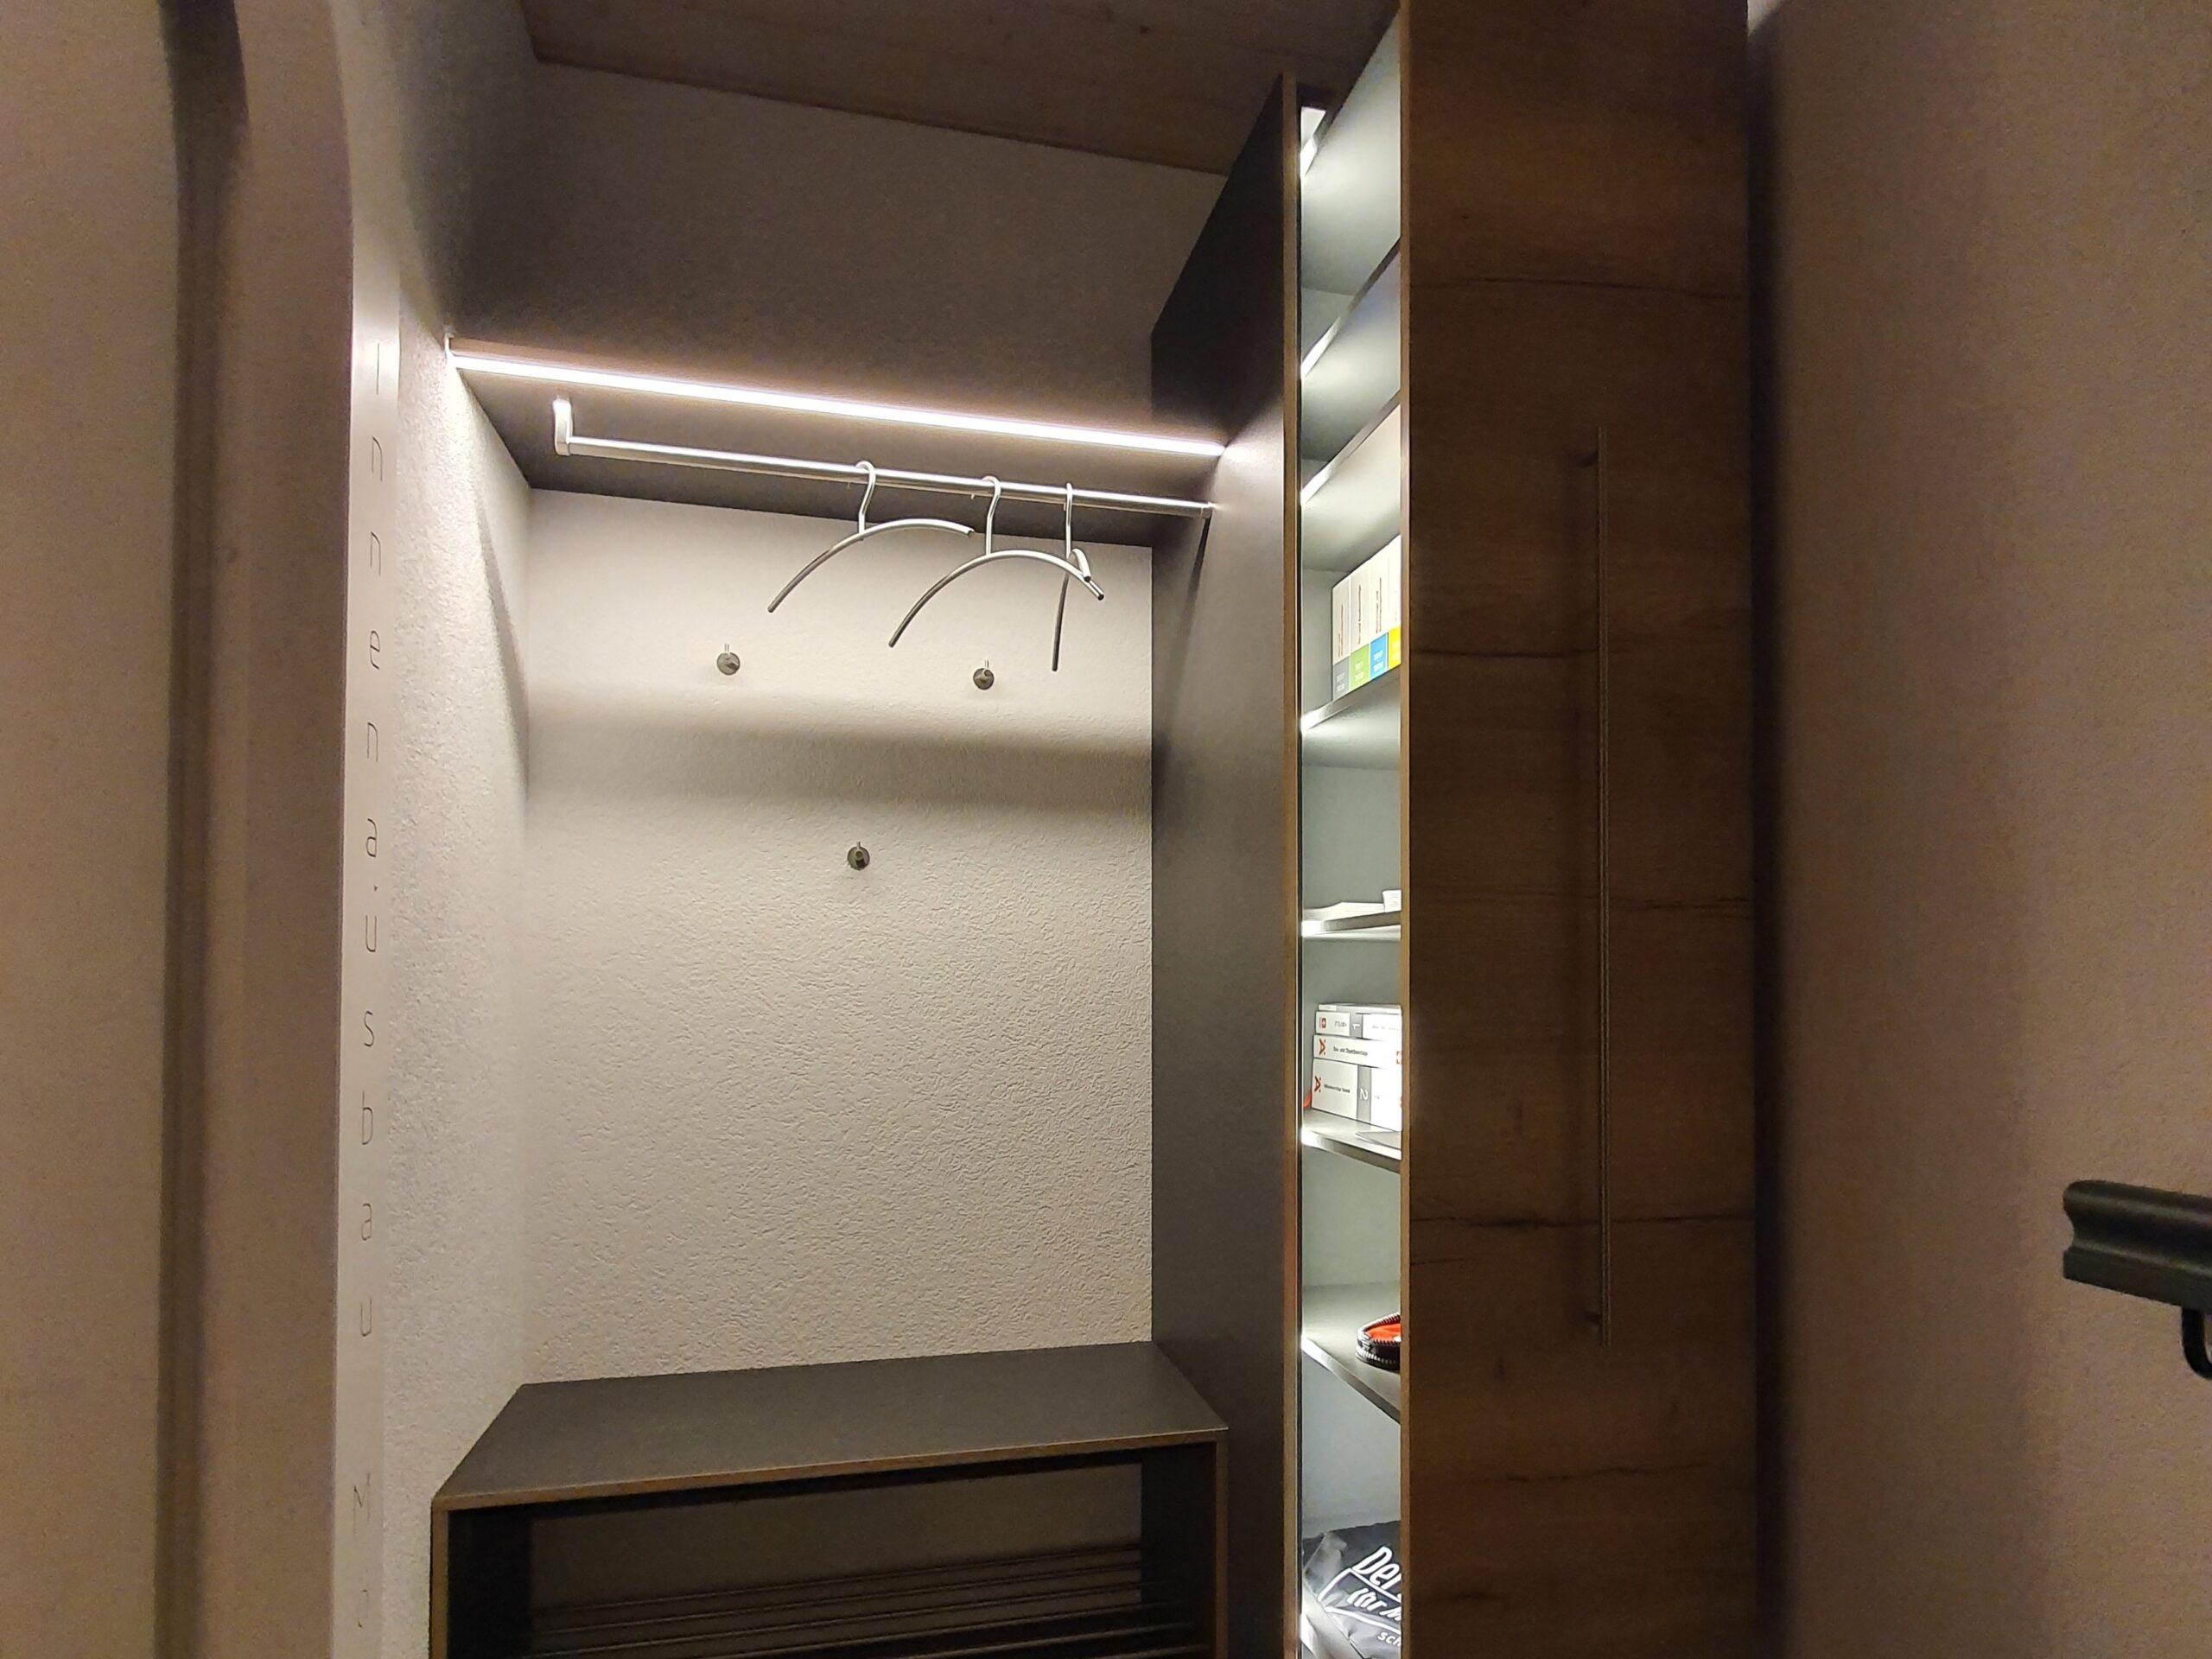 Wooddesign_Holzleuchten_LED-Beleuchtung_Licht_Indirekte Beleuchtung_Direkte Beleuchtung_Holzdesign (38)-min